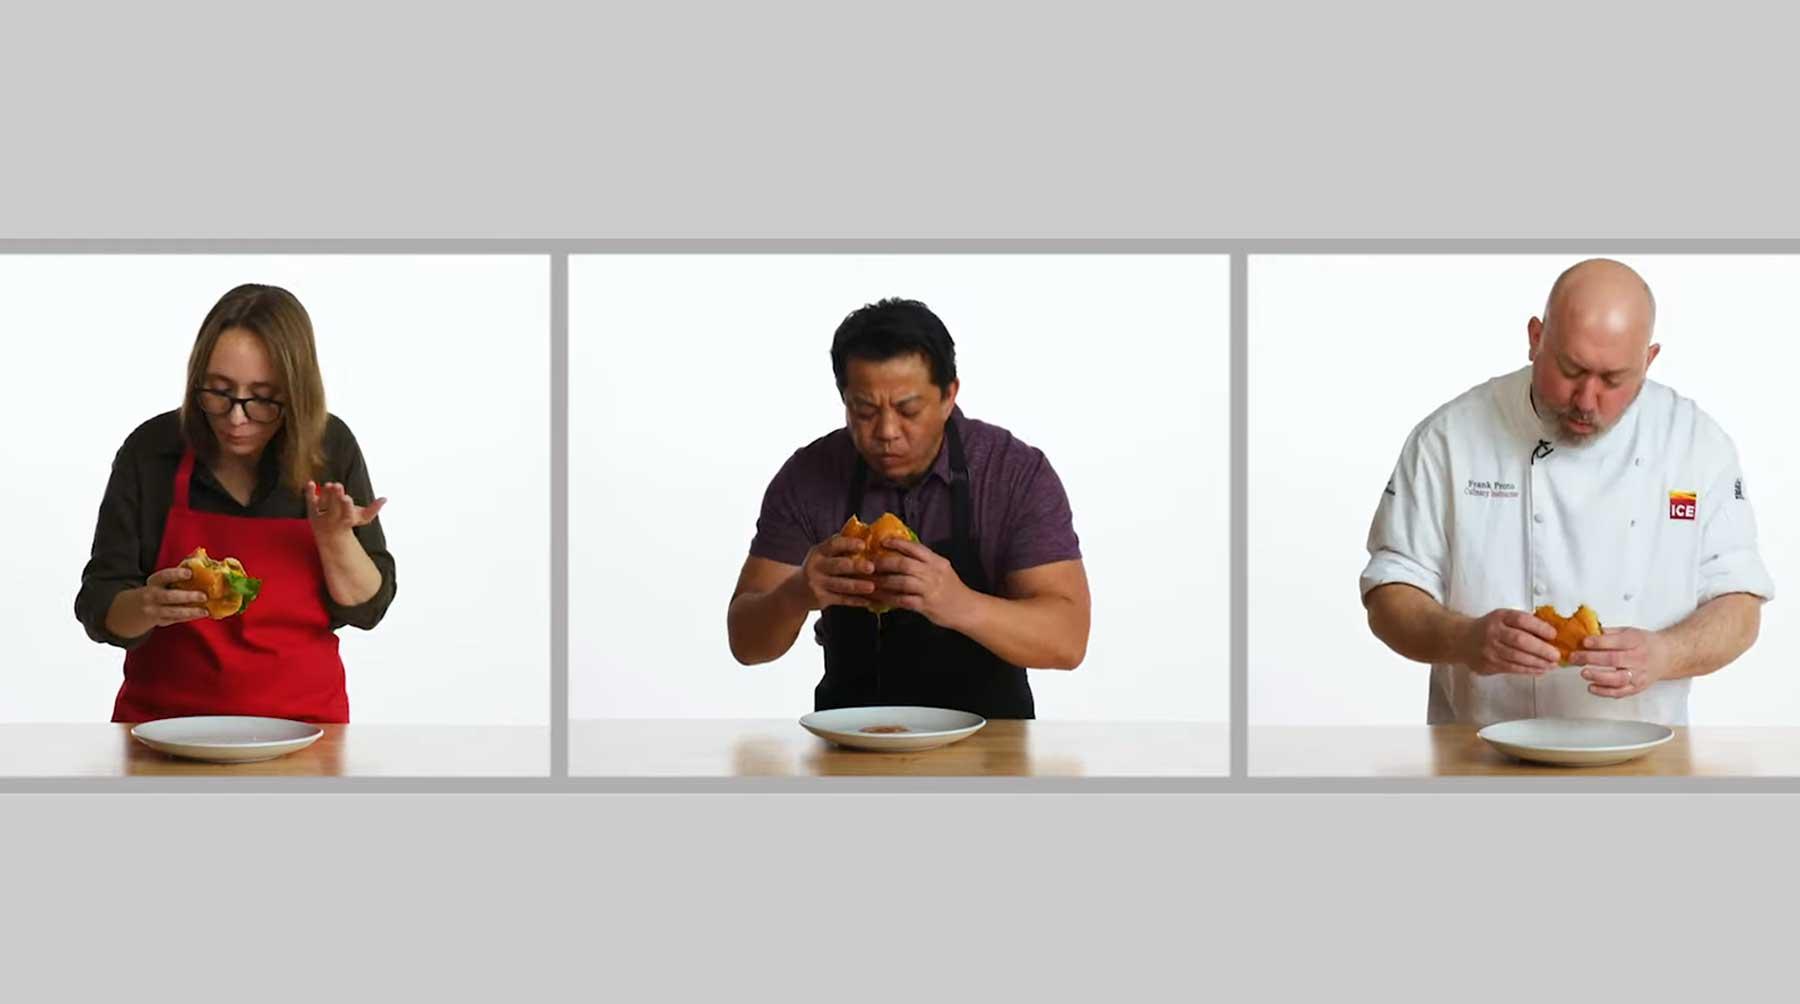 Köche unterschiedlicher Fähigkeitsstufen machen Hamburger burger-drei-stufen